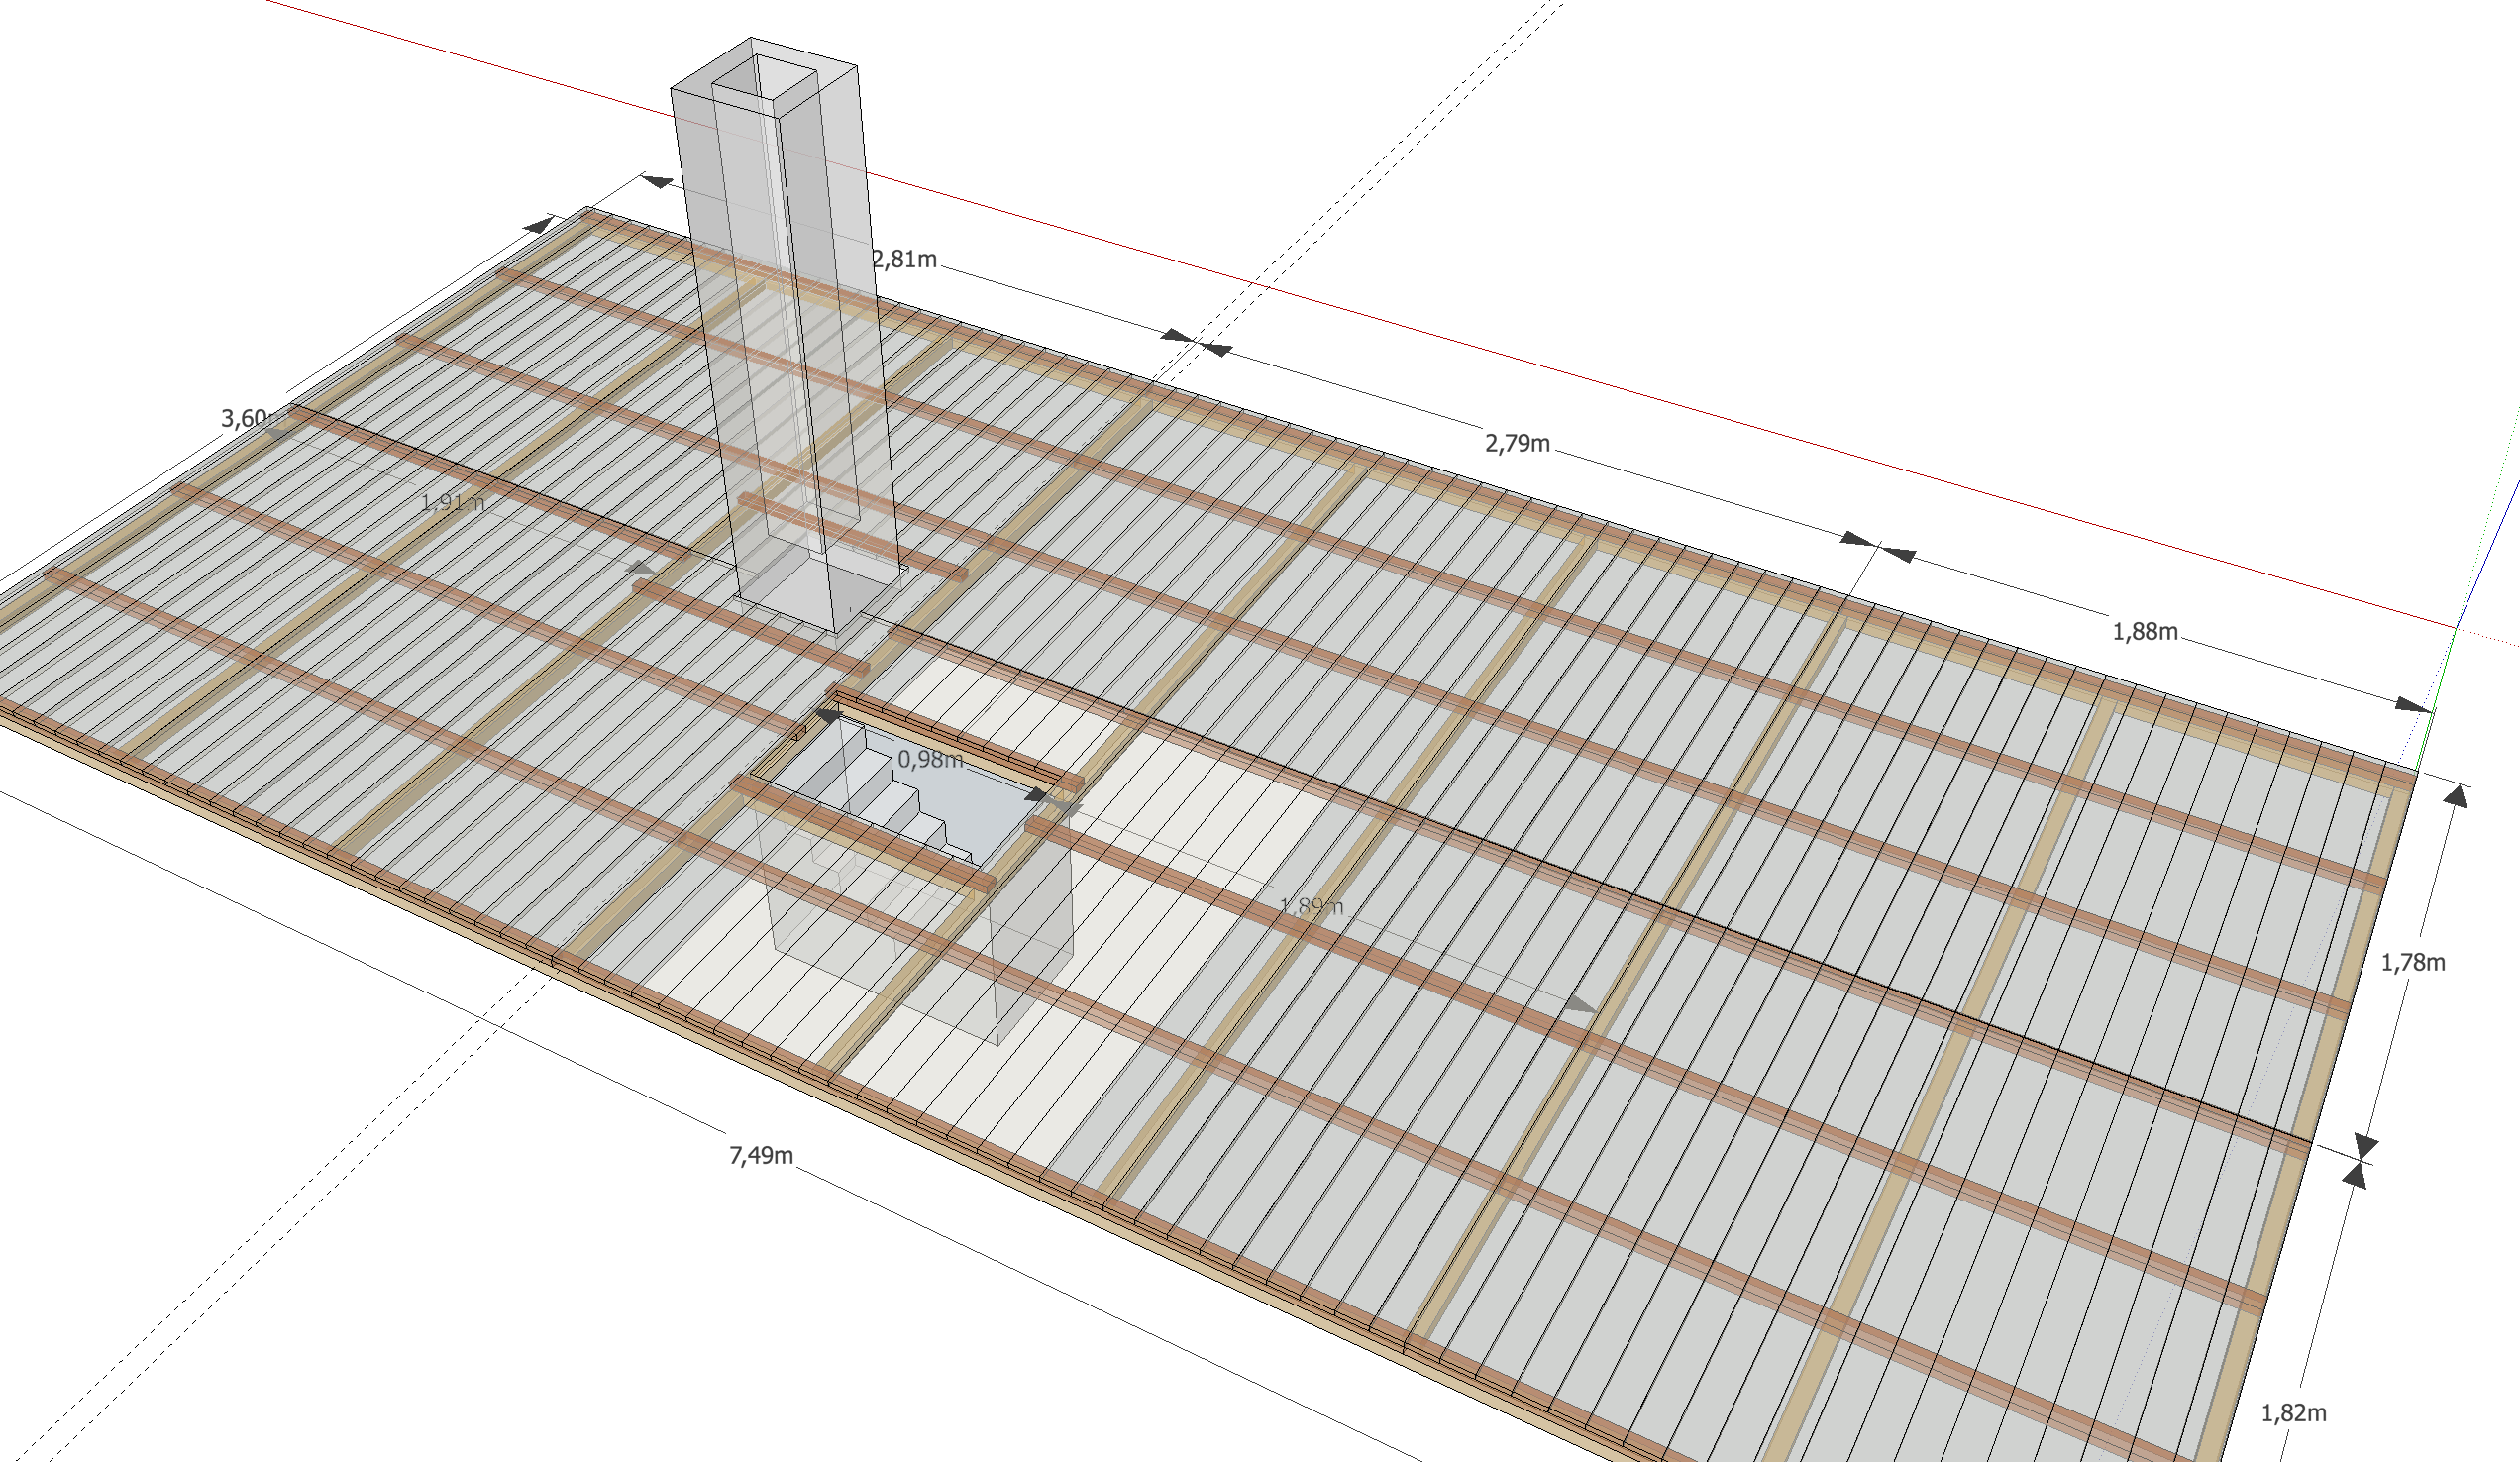 dachboden planen mit sketchup baublog werder bautagebuch und erfahrungsbericht. Black Bedroom Furniture Sets. Home Design Ideas